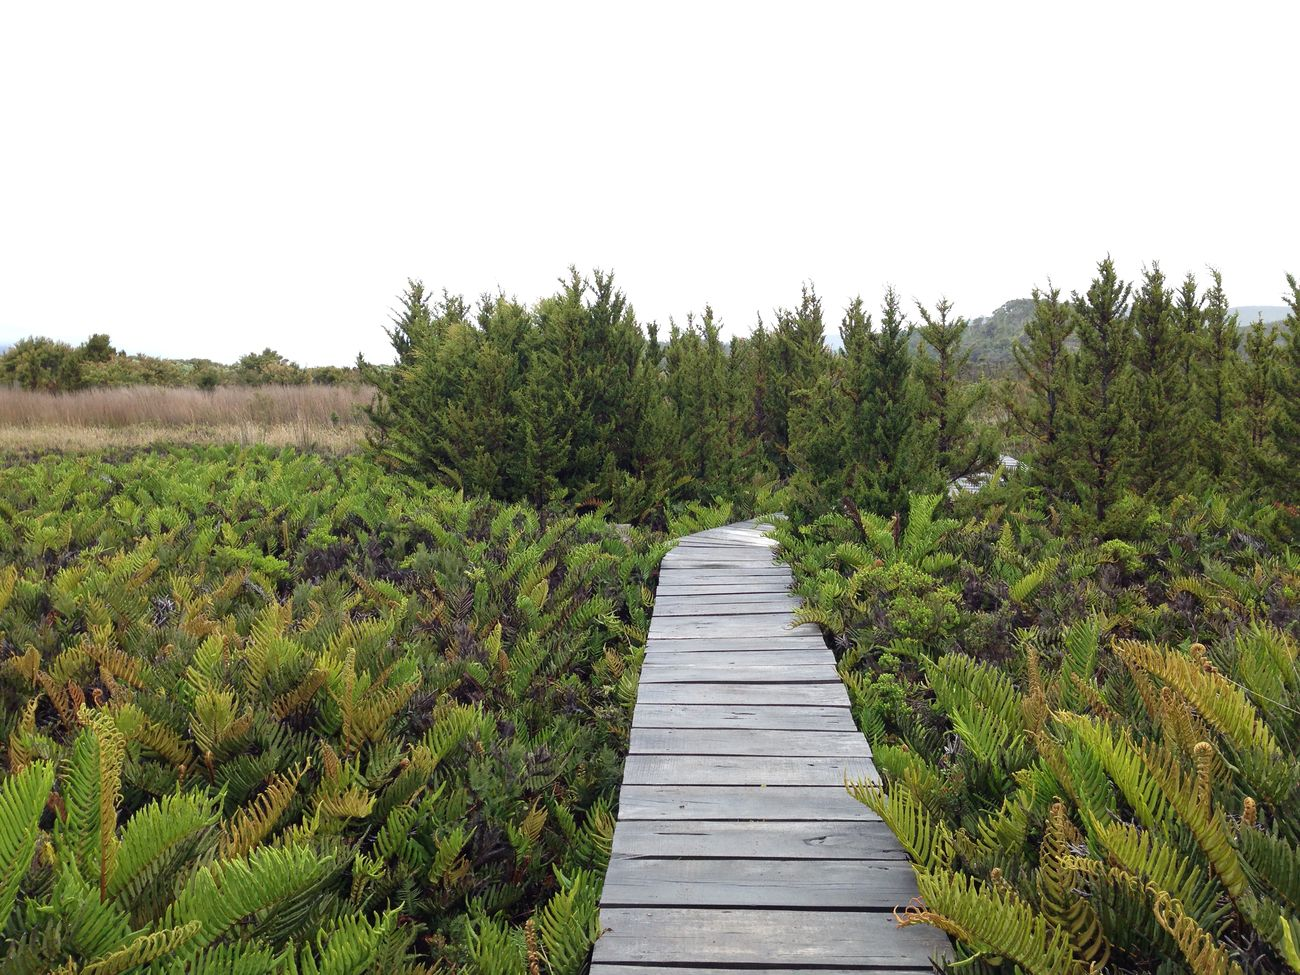 paisajismo y jardiner a bogot y colombia productos vert n